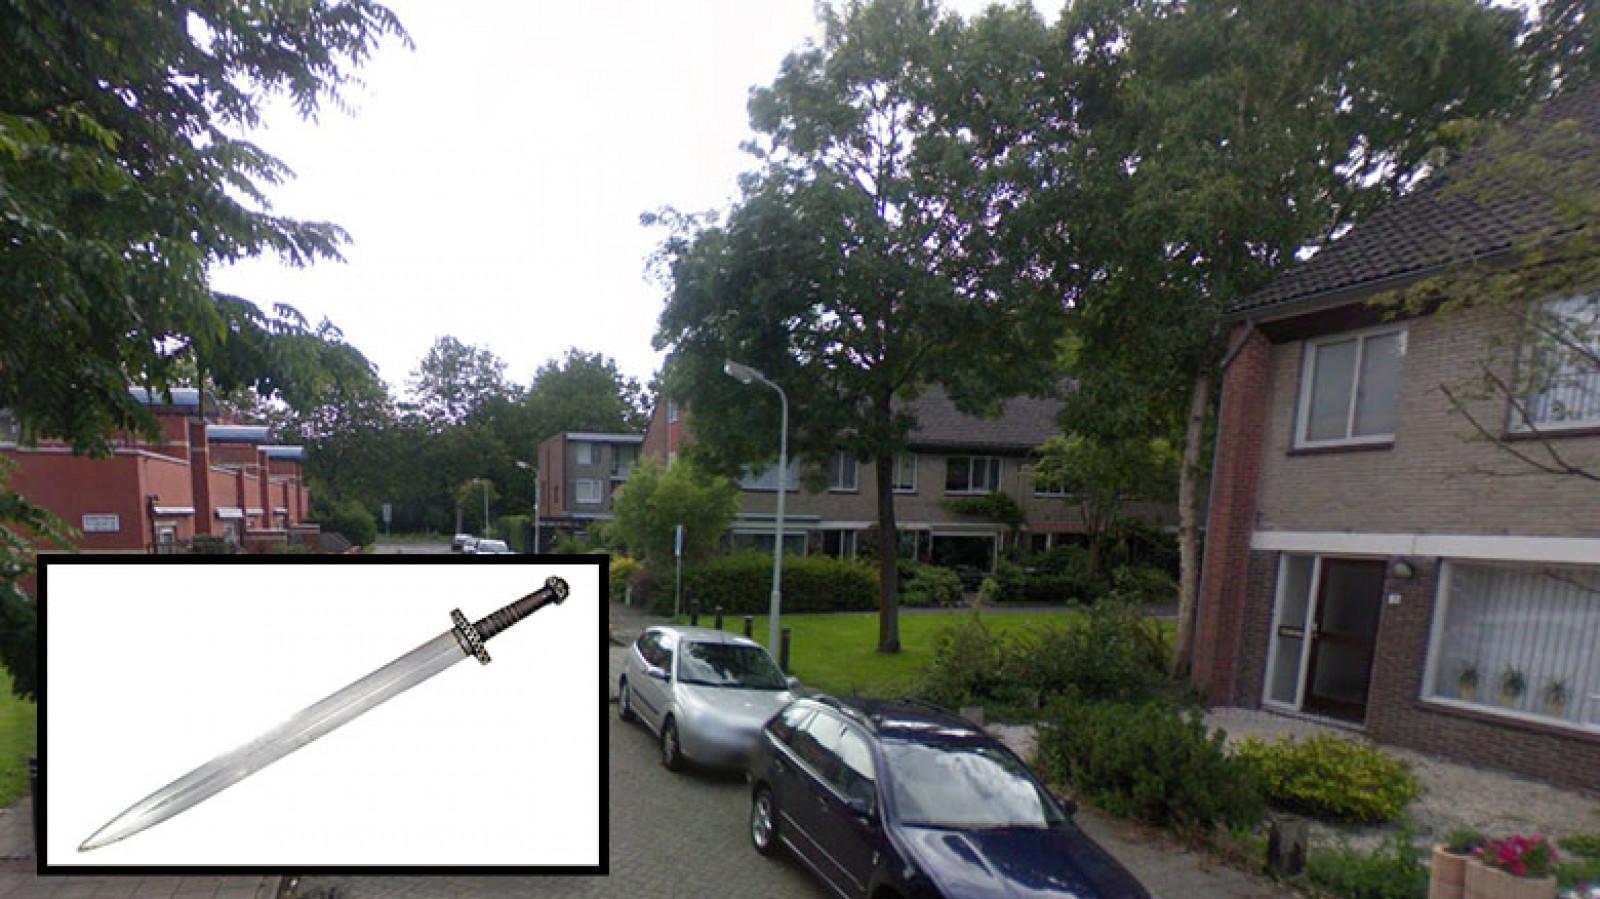 Zaandammer bedreigt buren met zwaard nh nieuws for Huis zichtbaar maken google streetview